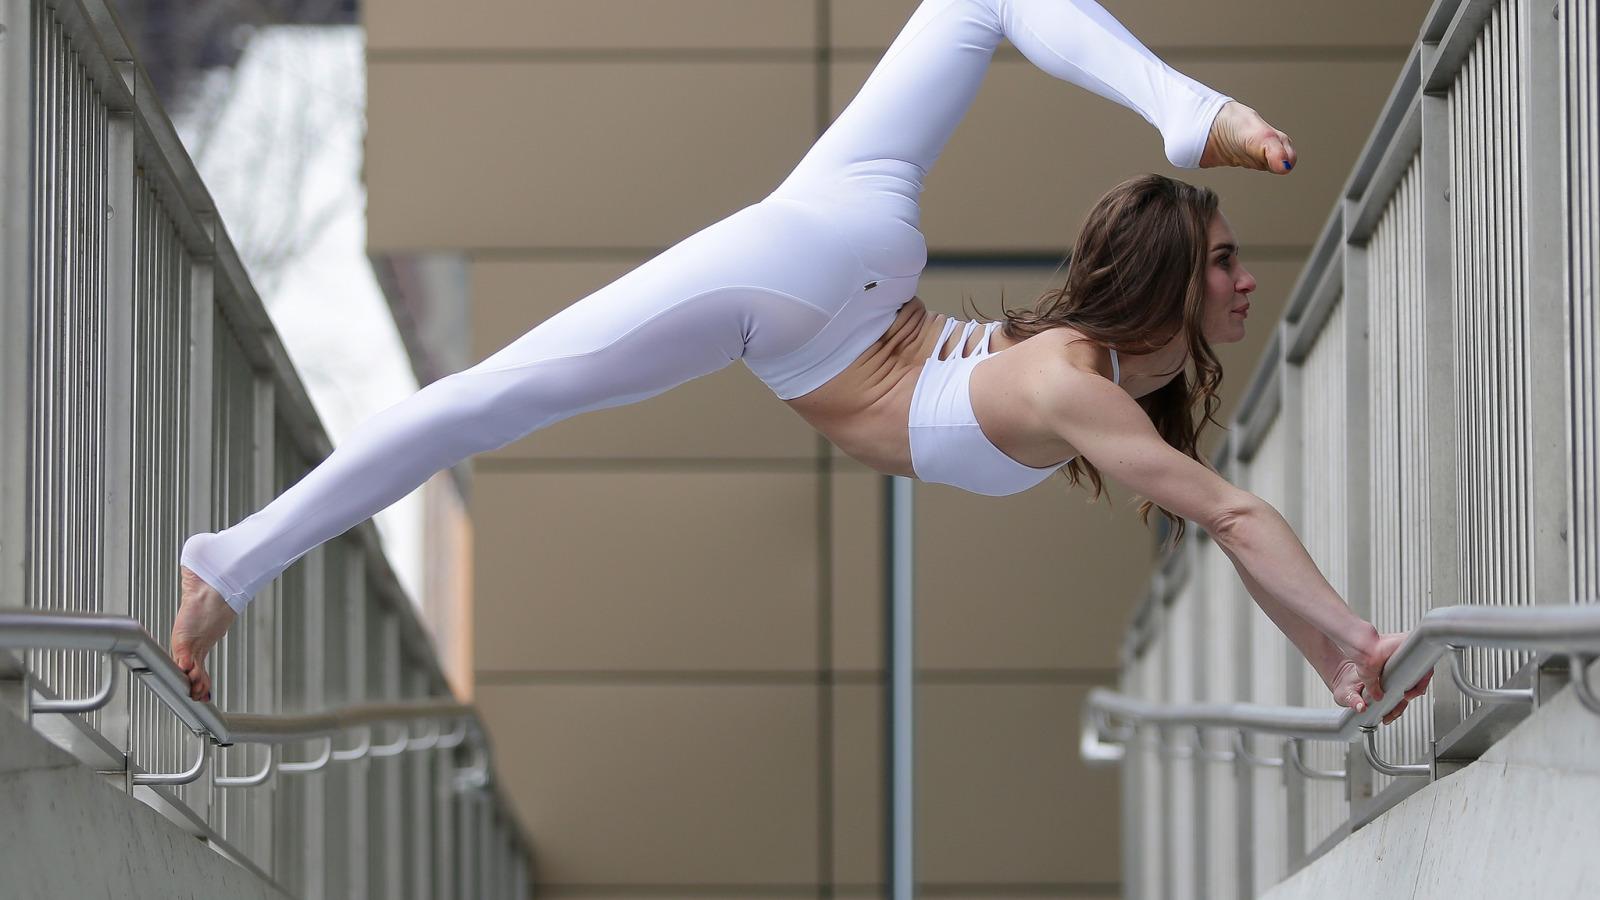 Фото девушек в стойке мостик, Фото подборка эротики как голые девушки делают мостик 16 фотография